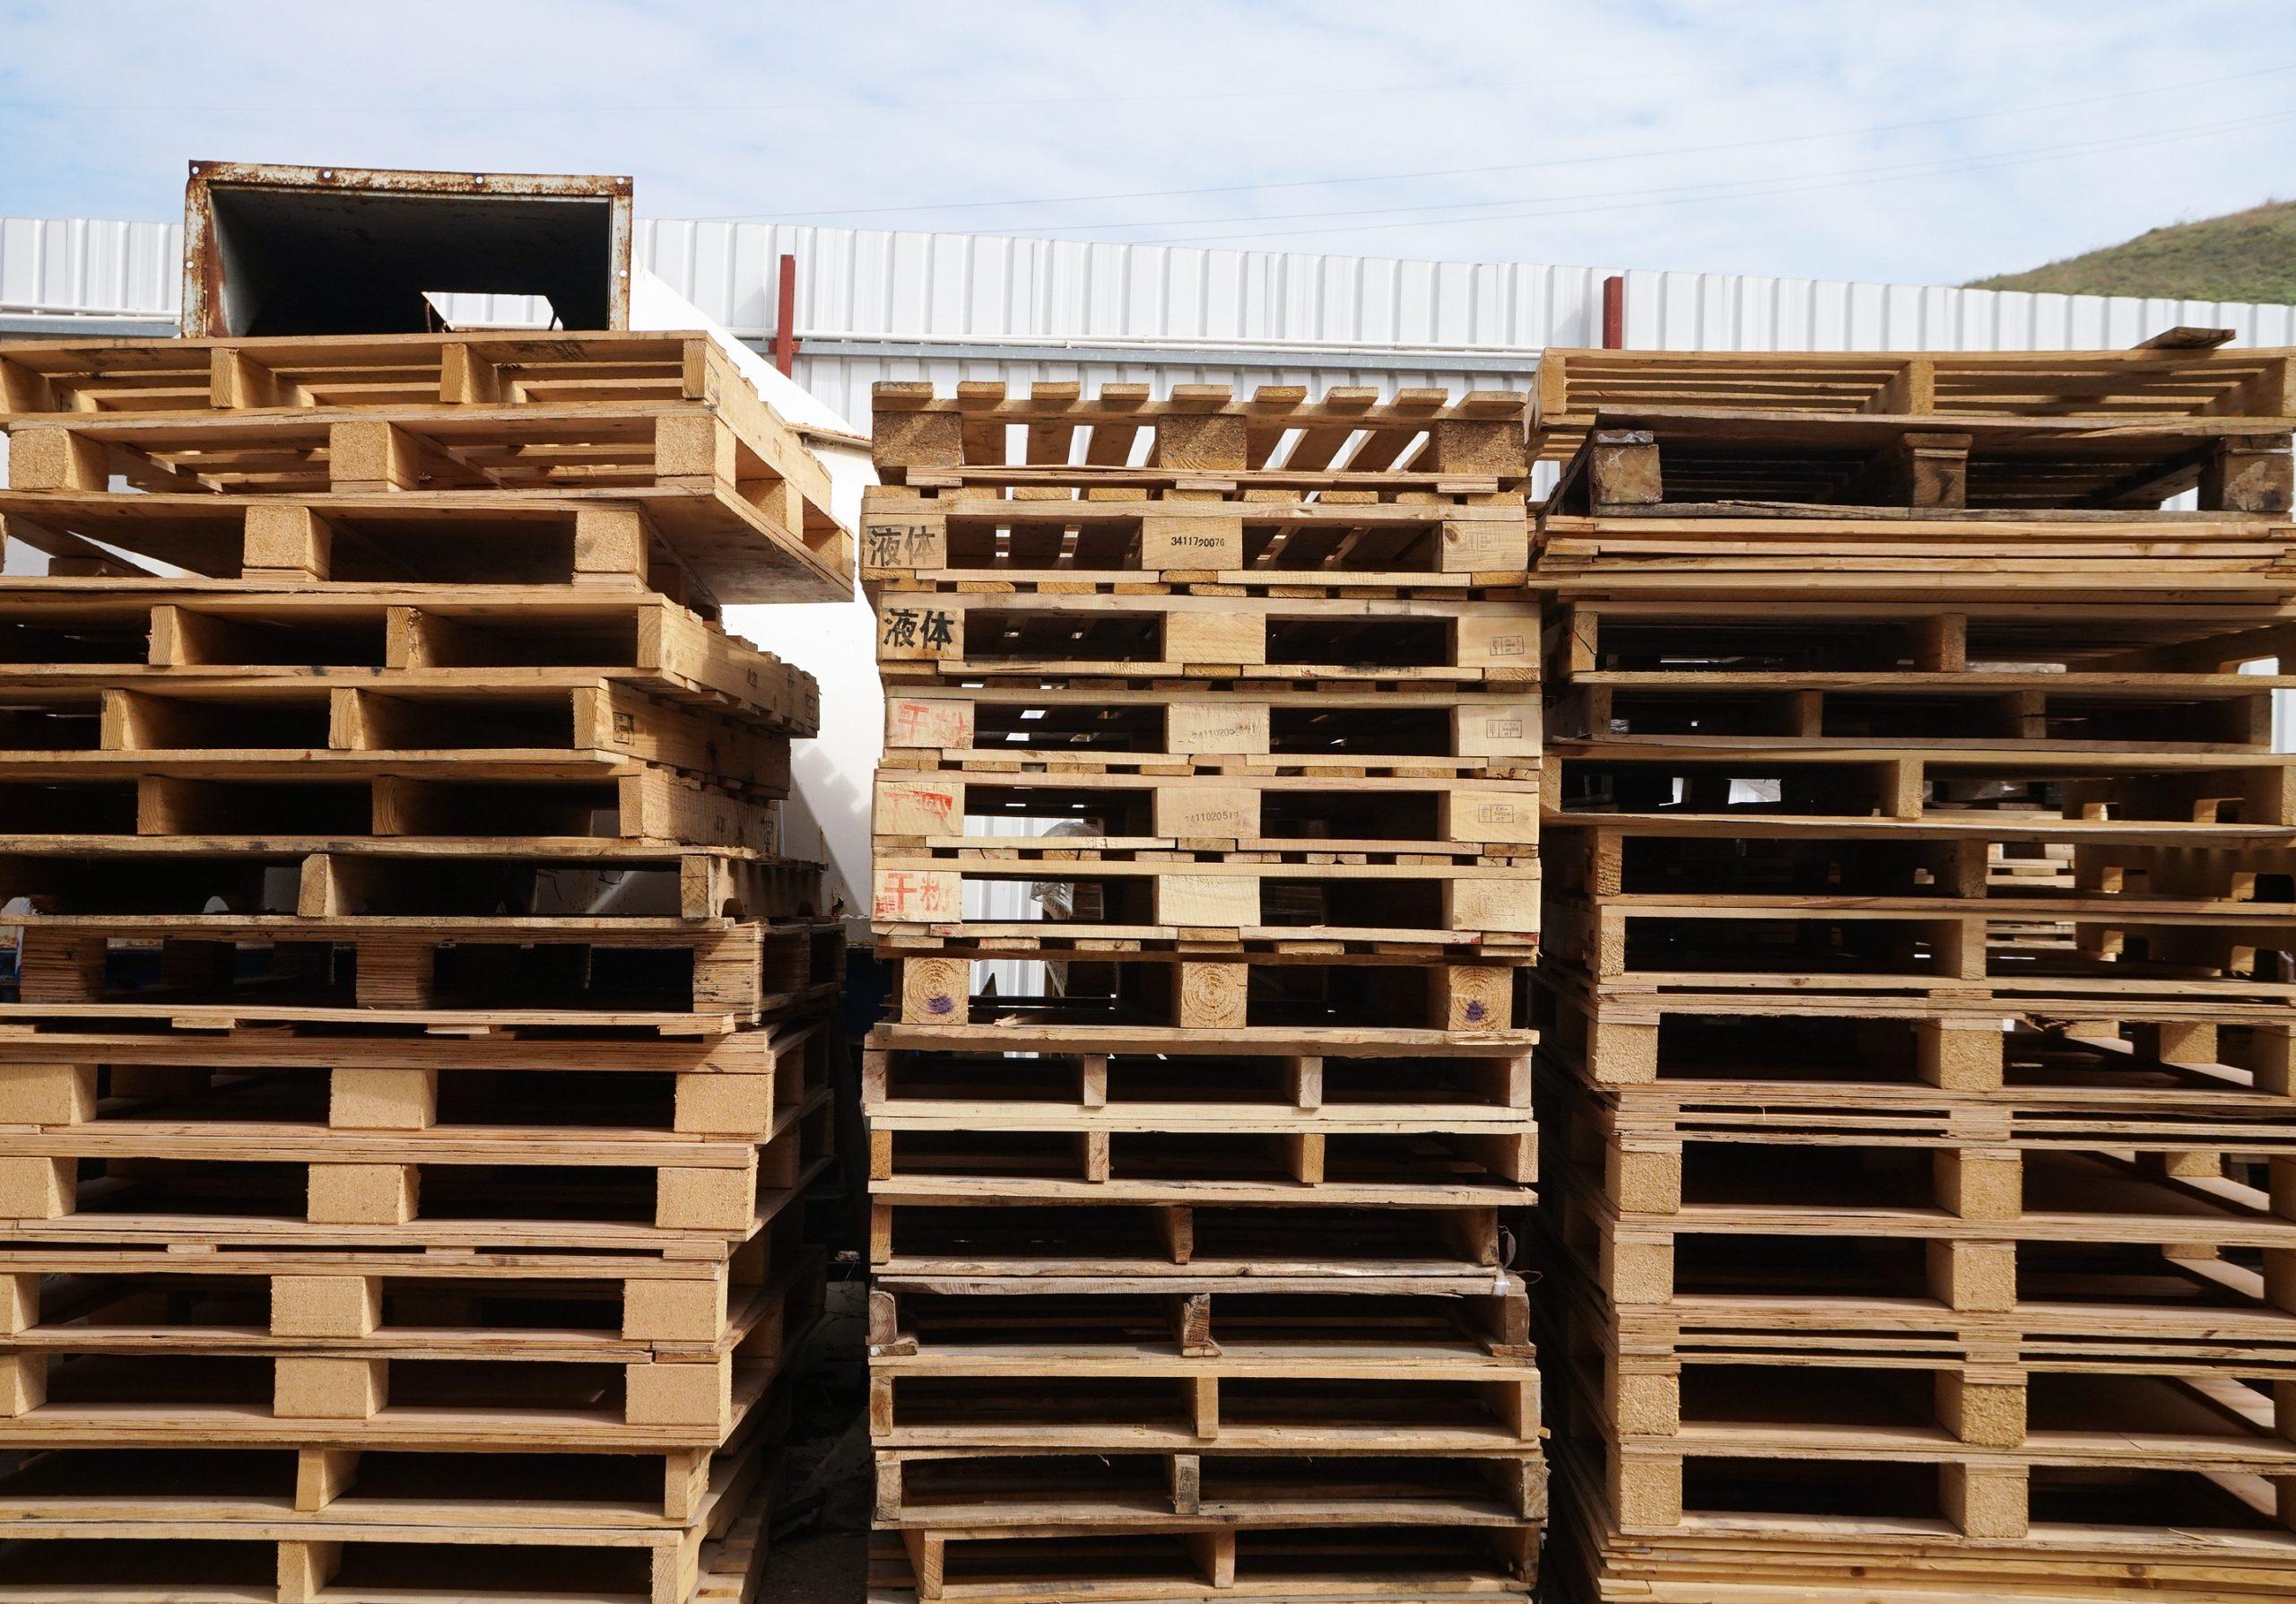 木卡板 六斗 環保木貓砂 完好無缺 浪費 堆填